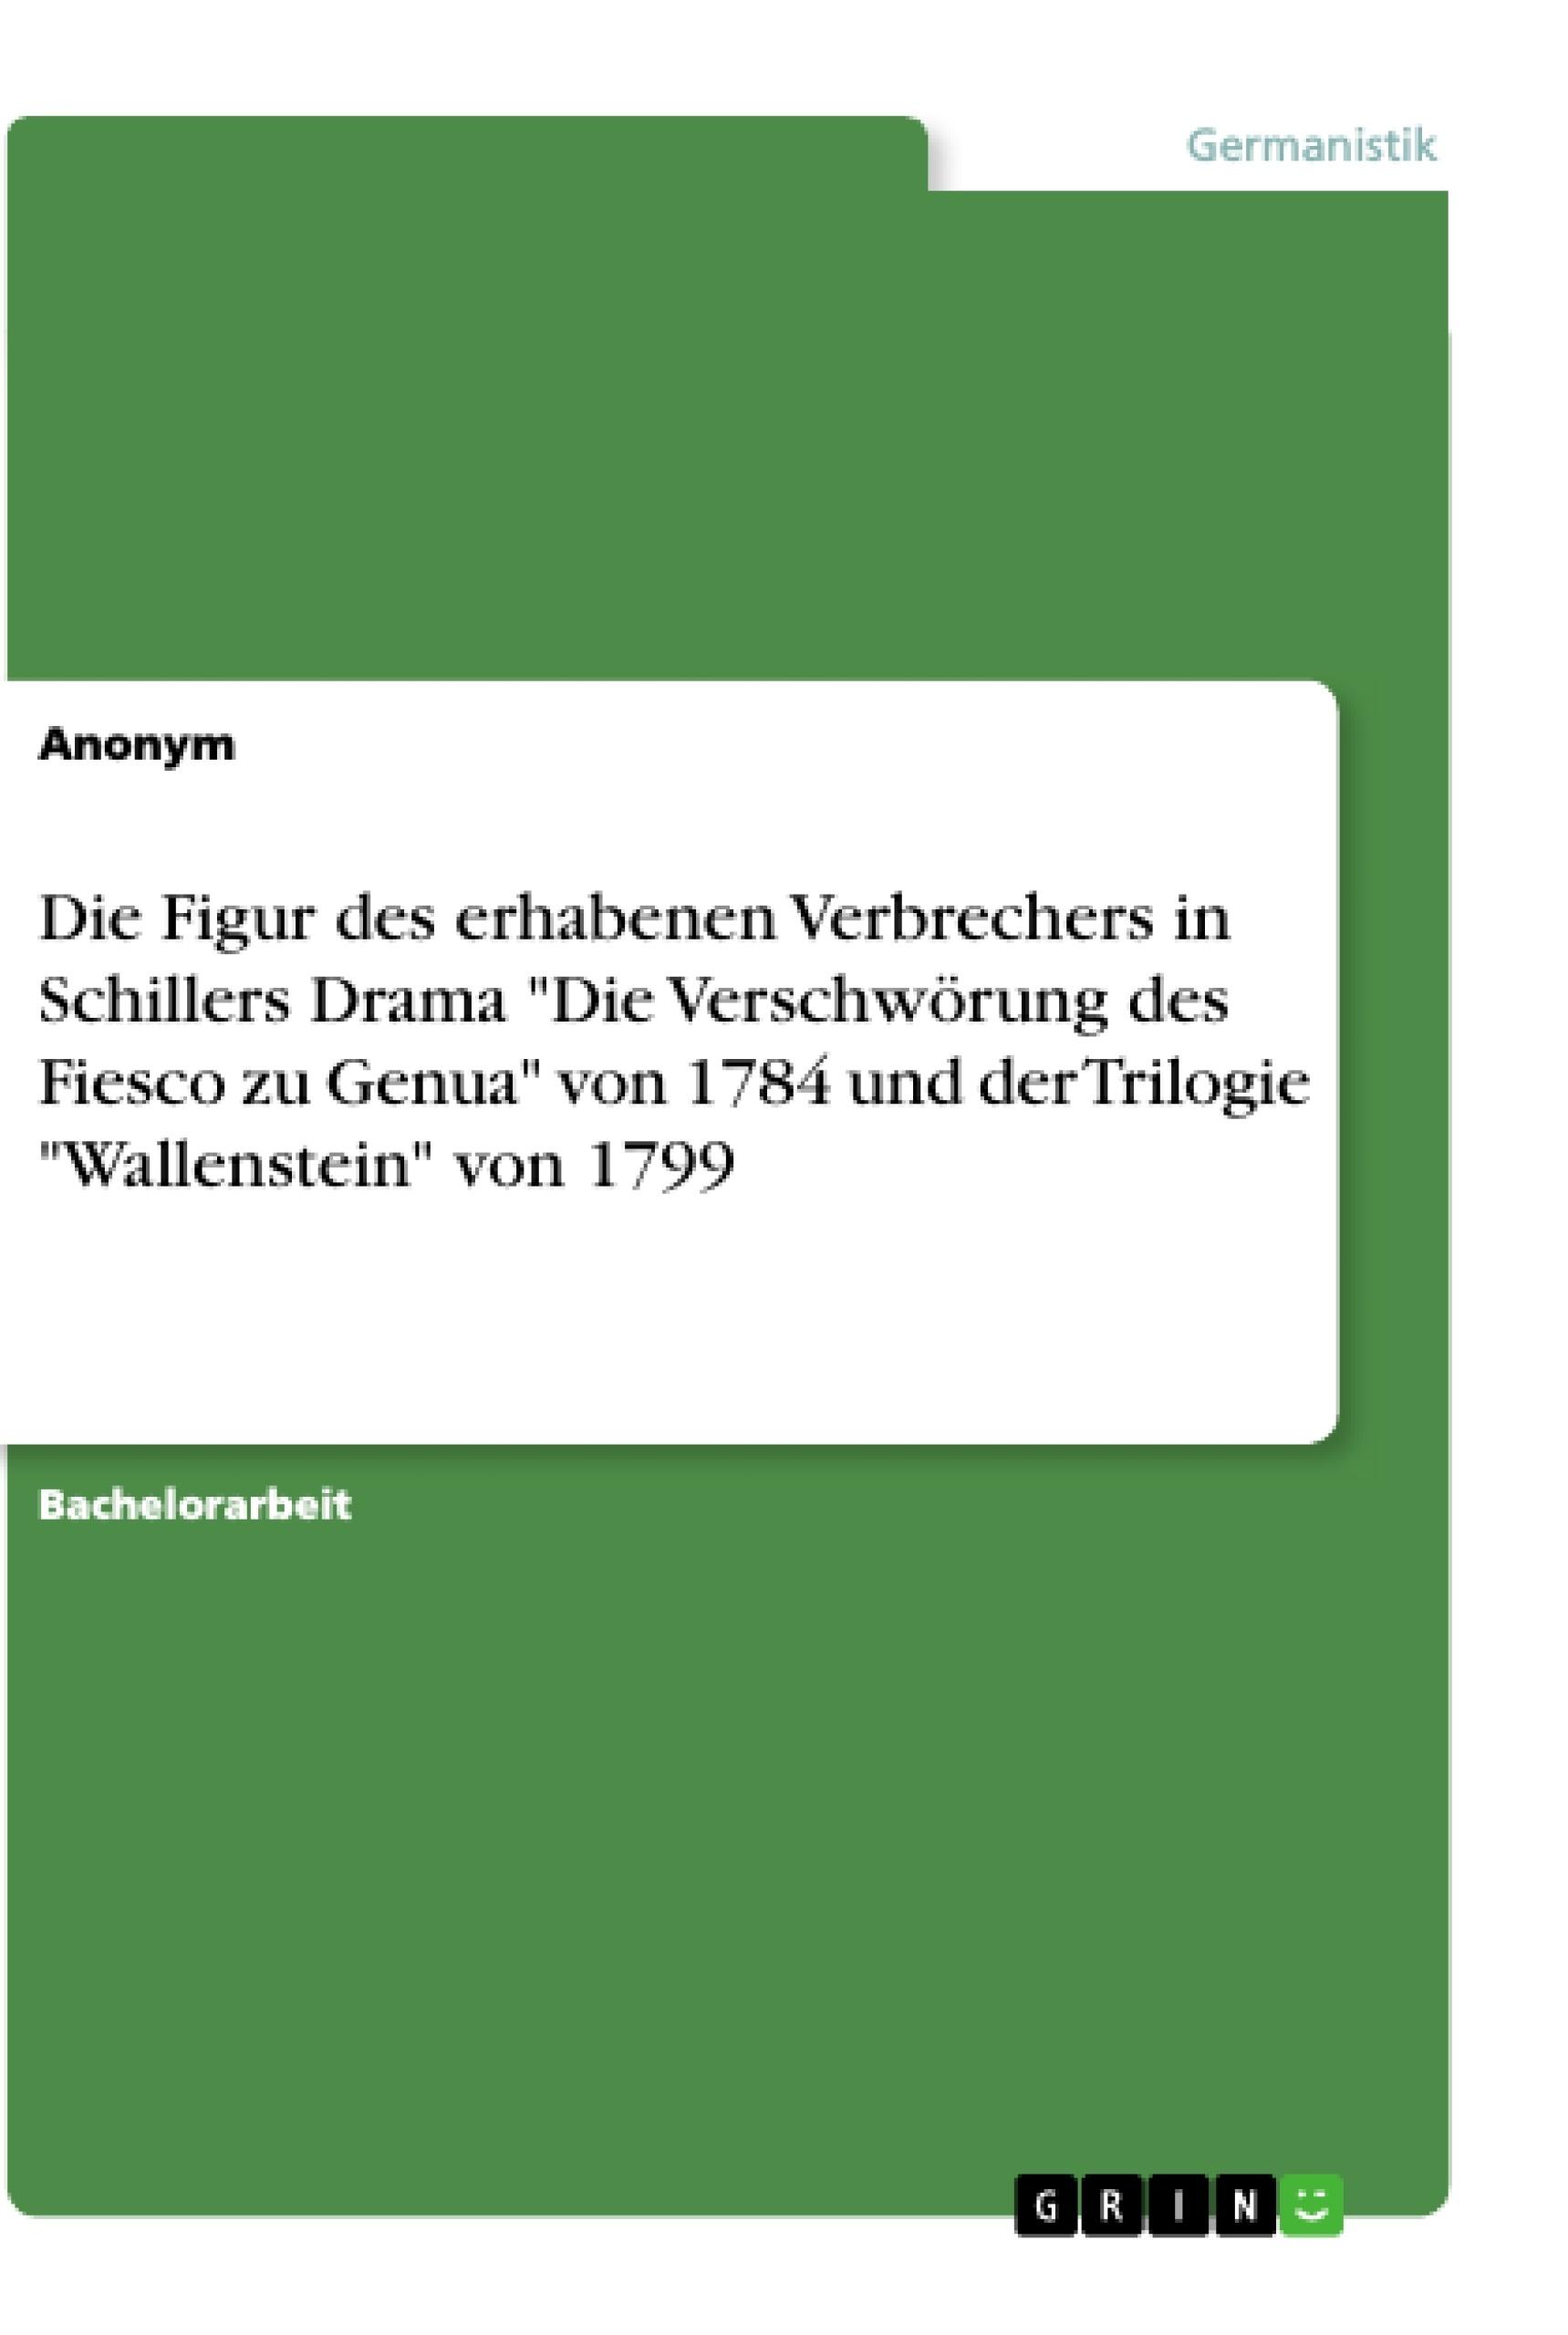 """Titel: Die Figur des erhabenen Verbrechers in Schillers Drama """"Die Verschwörung des Fiesco zu Genua"""" von 1784 und der Trilogie """"Wallenstein"""" von 1799"""